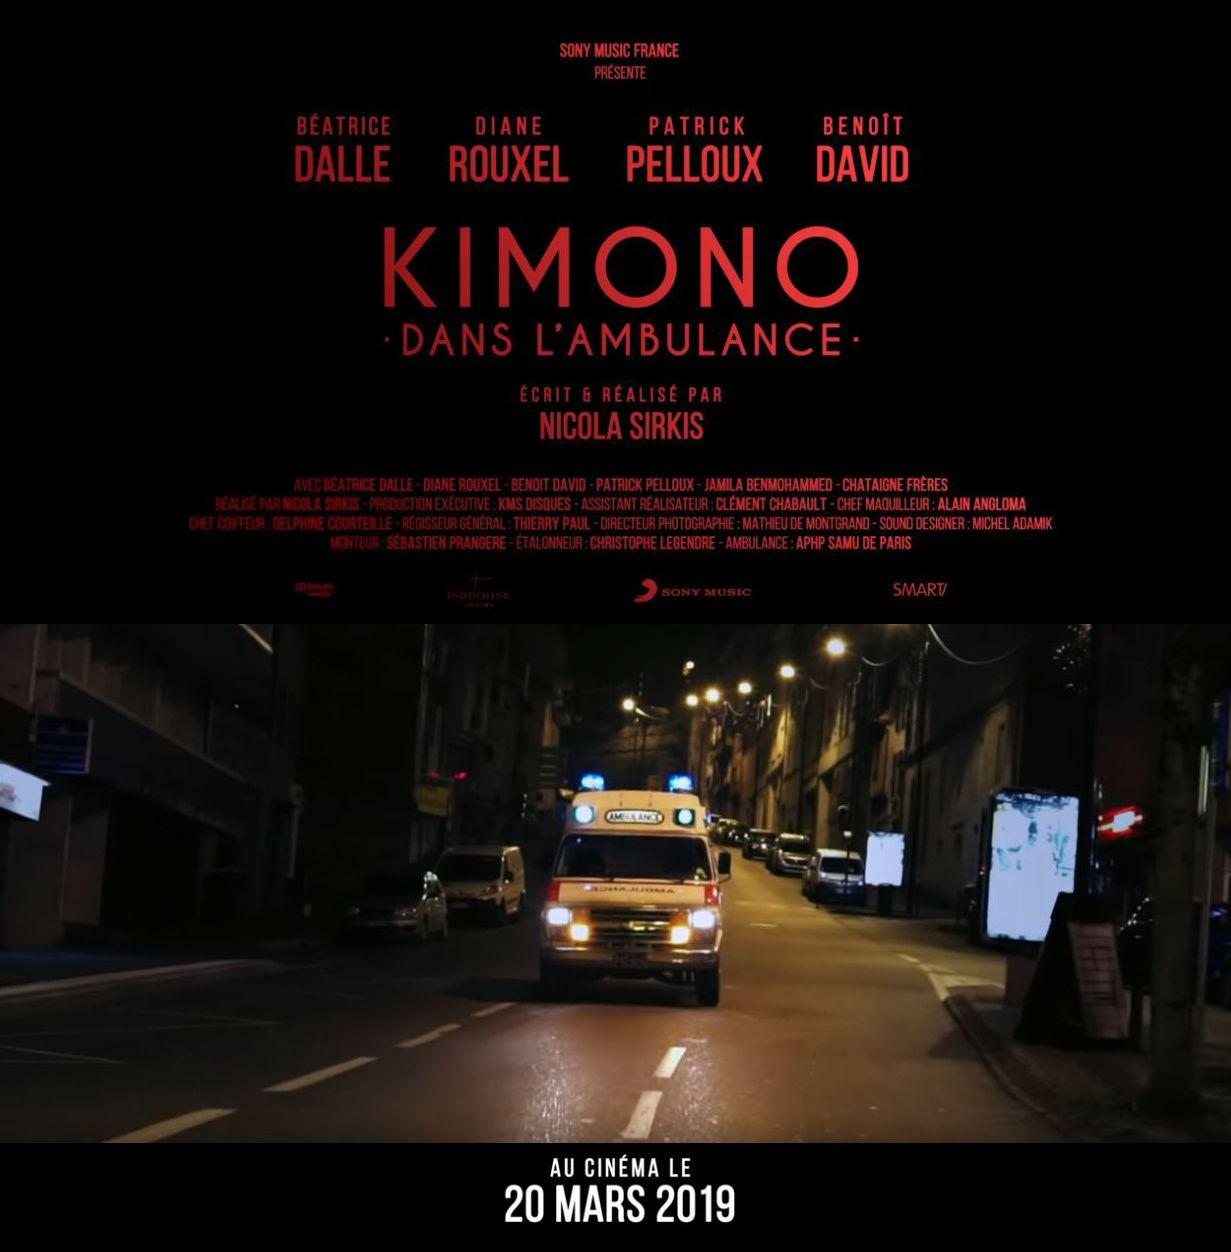 Indochine - Kimono dans l'ambulance (BANDE-ANNONCE) avec Béatrice Dalle - Le 20 mars 2019 au cinéma